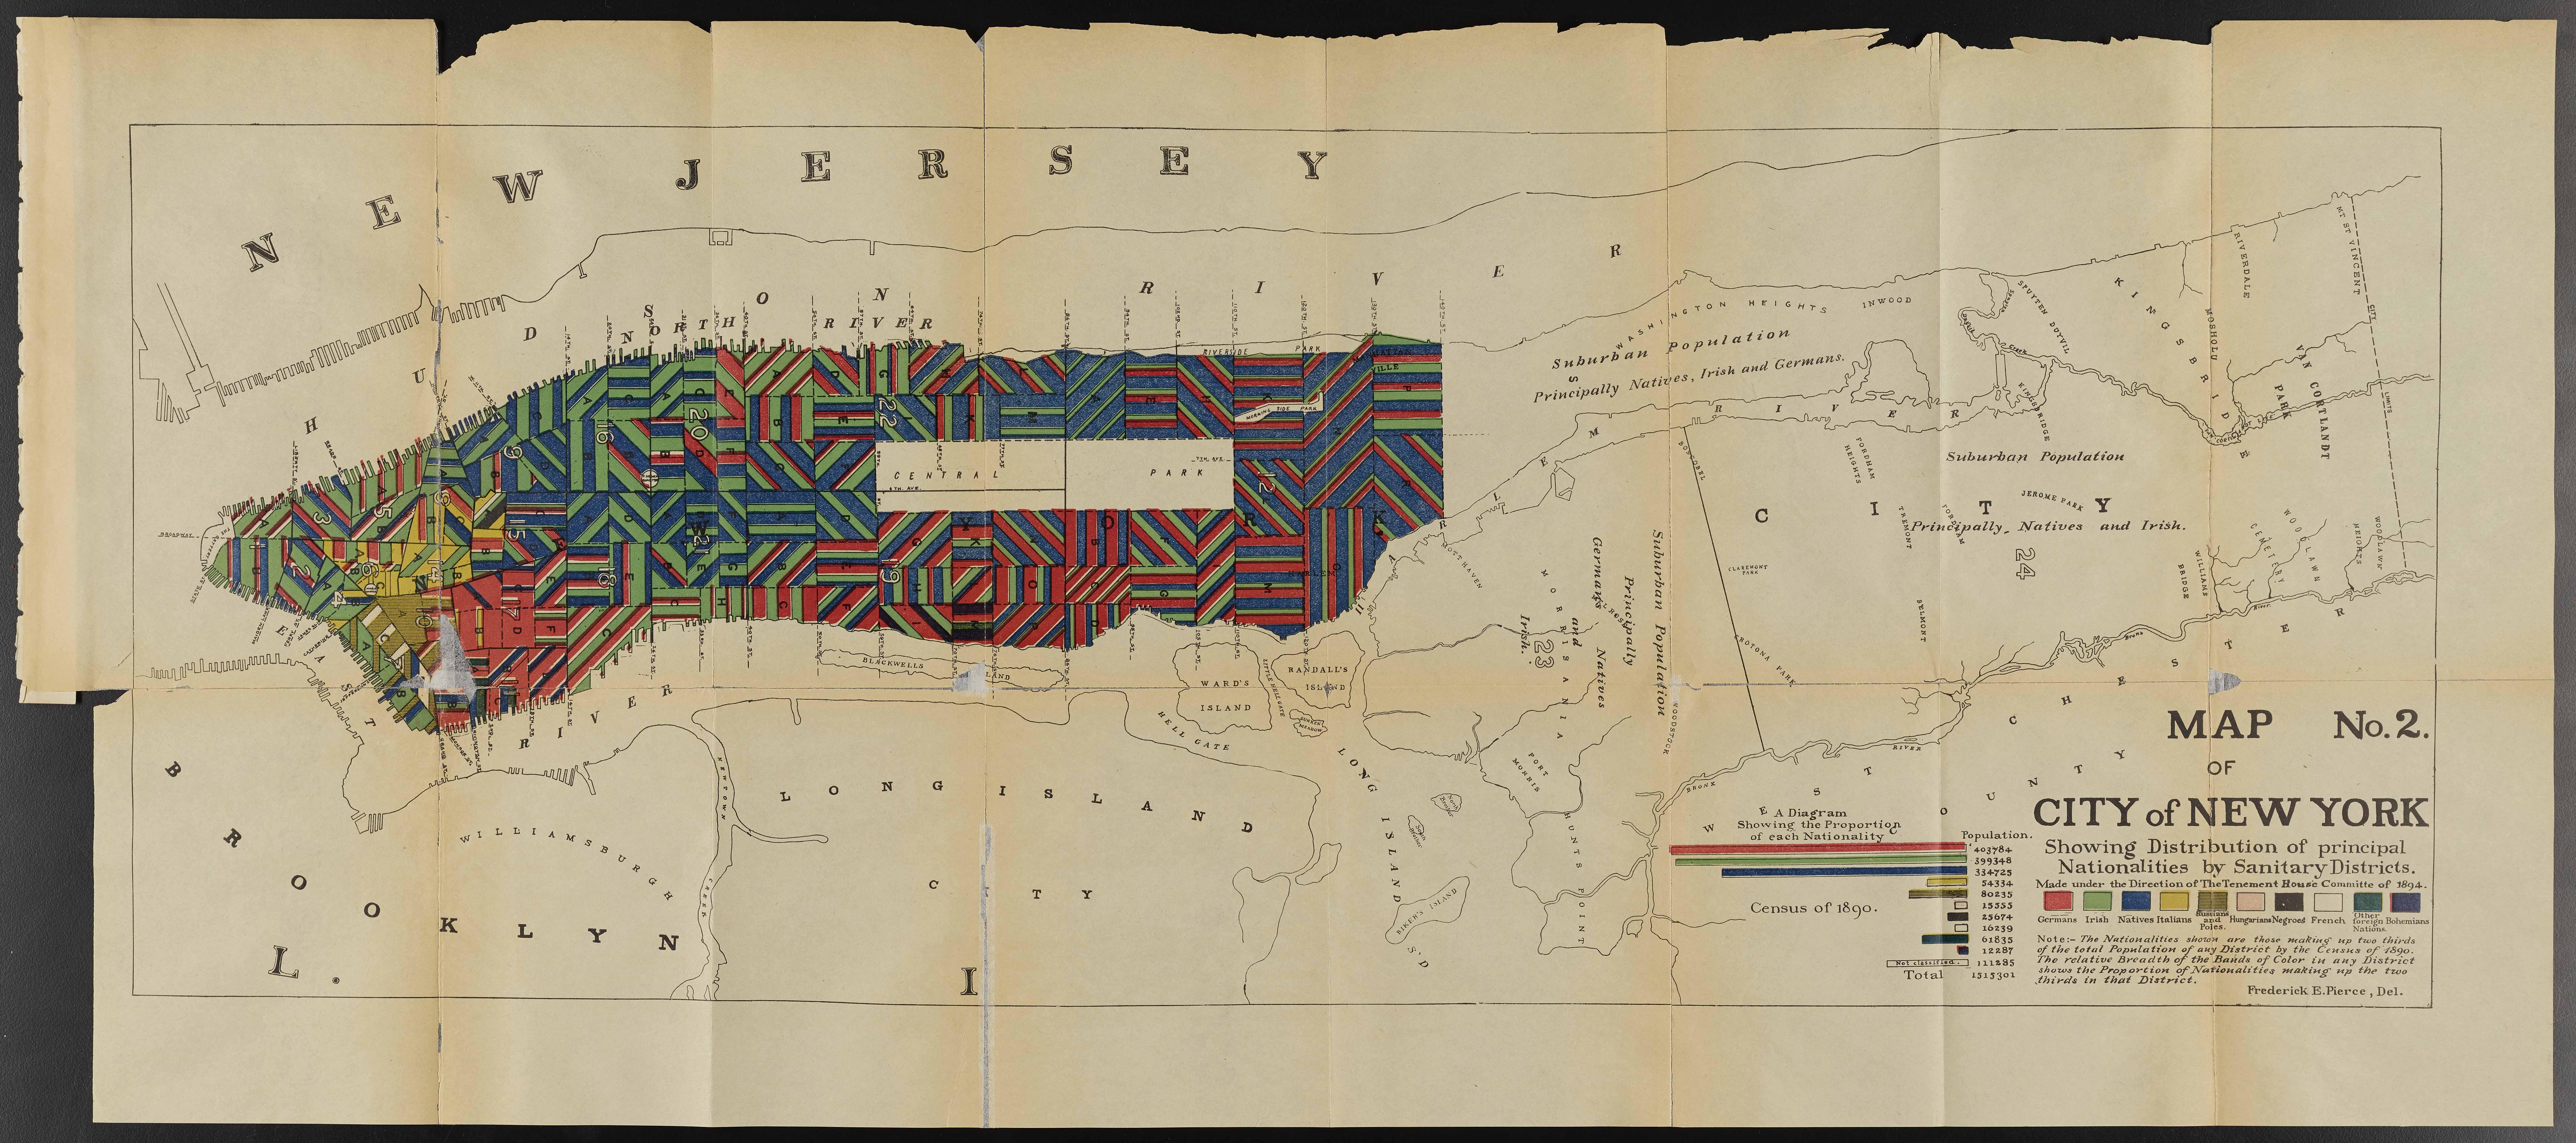 衛生地区ごとの主要国籍の分布を示すニューヨーク市の地図。